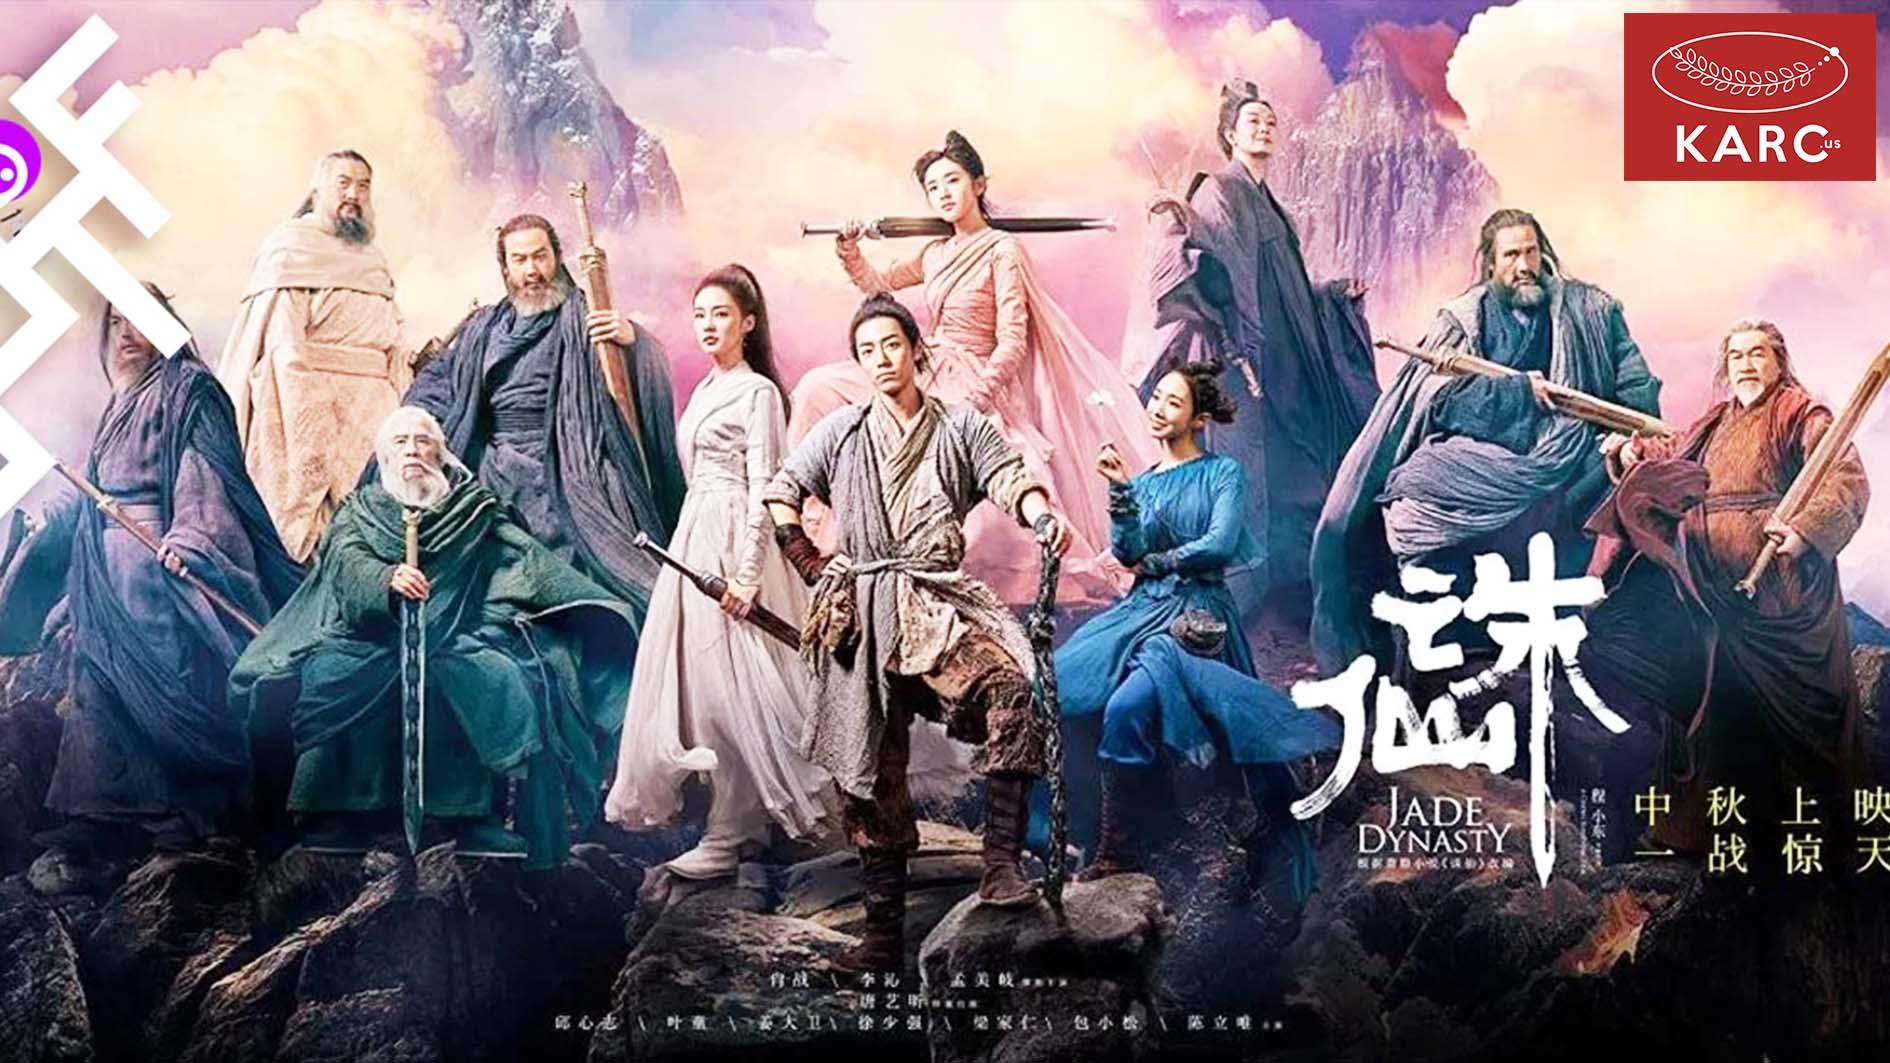 รีวิวภาพยนตร์ - Jade Dynasty กระบี่เทพสังหาร - Karc.us